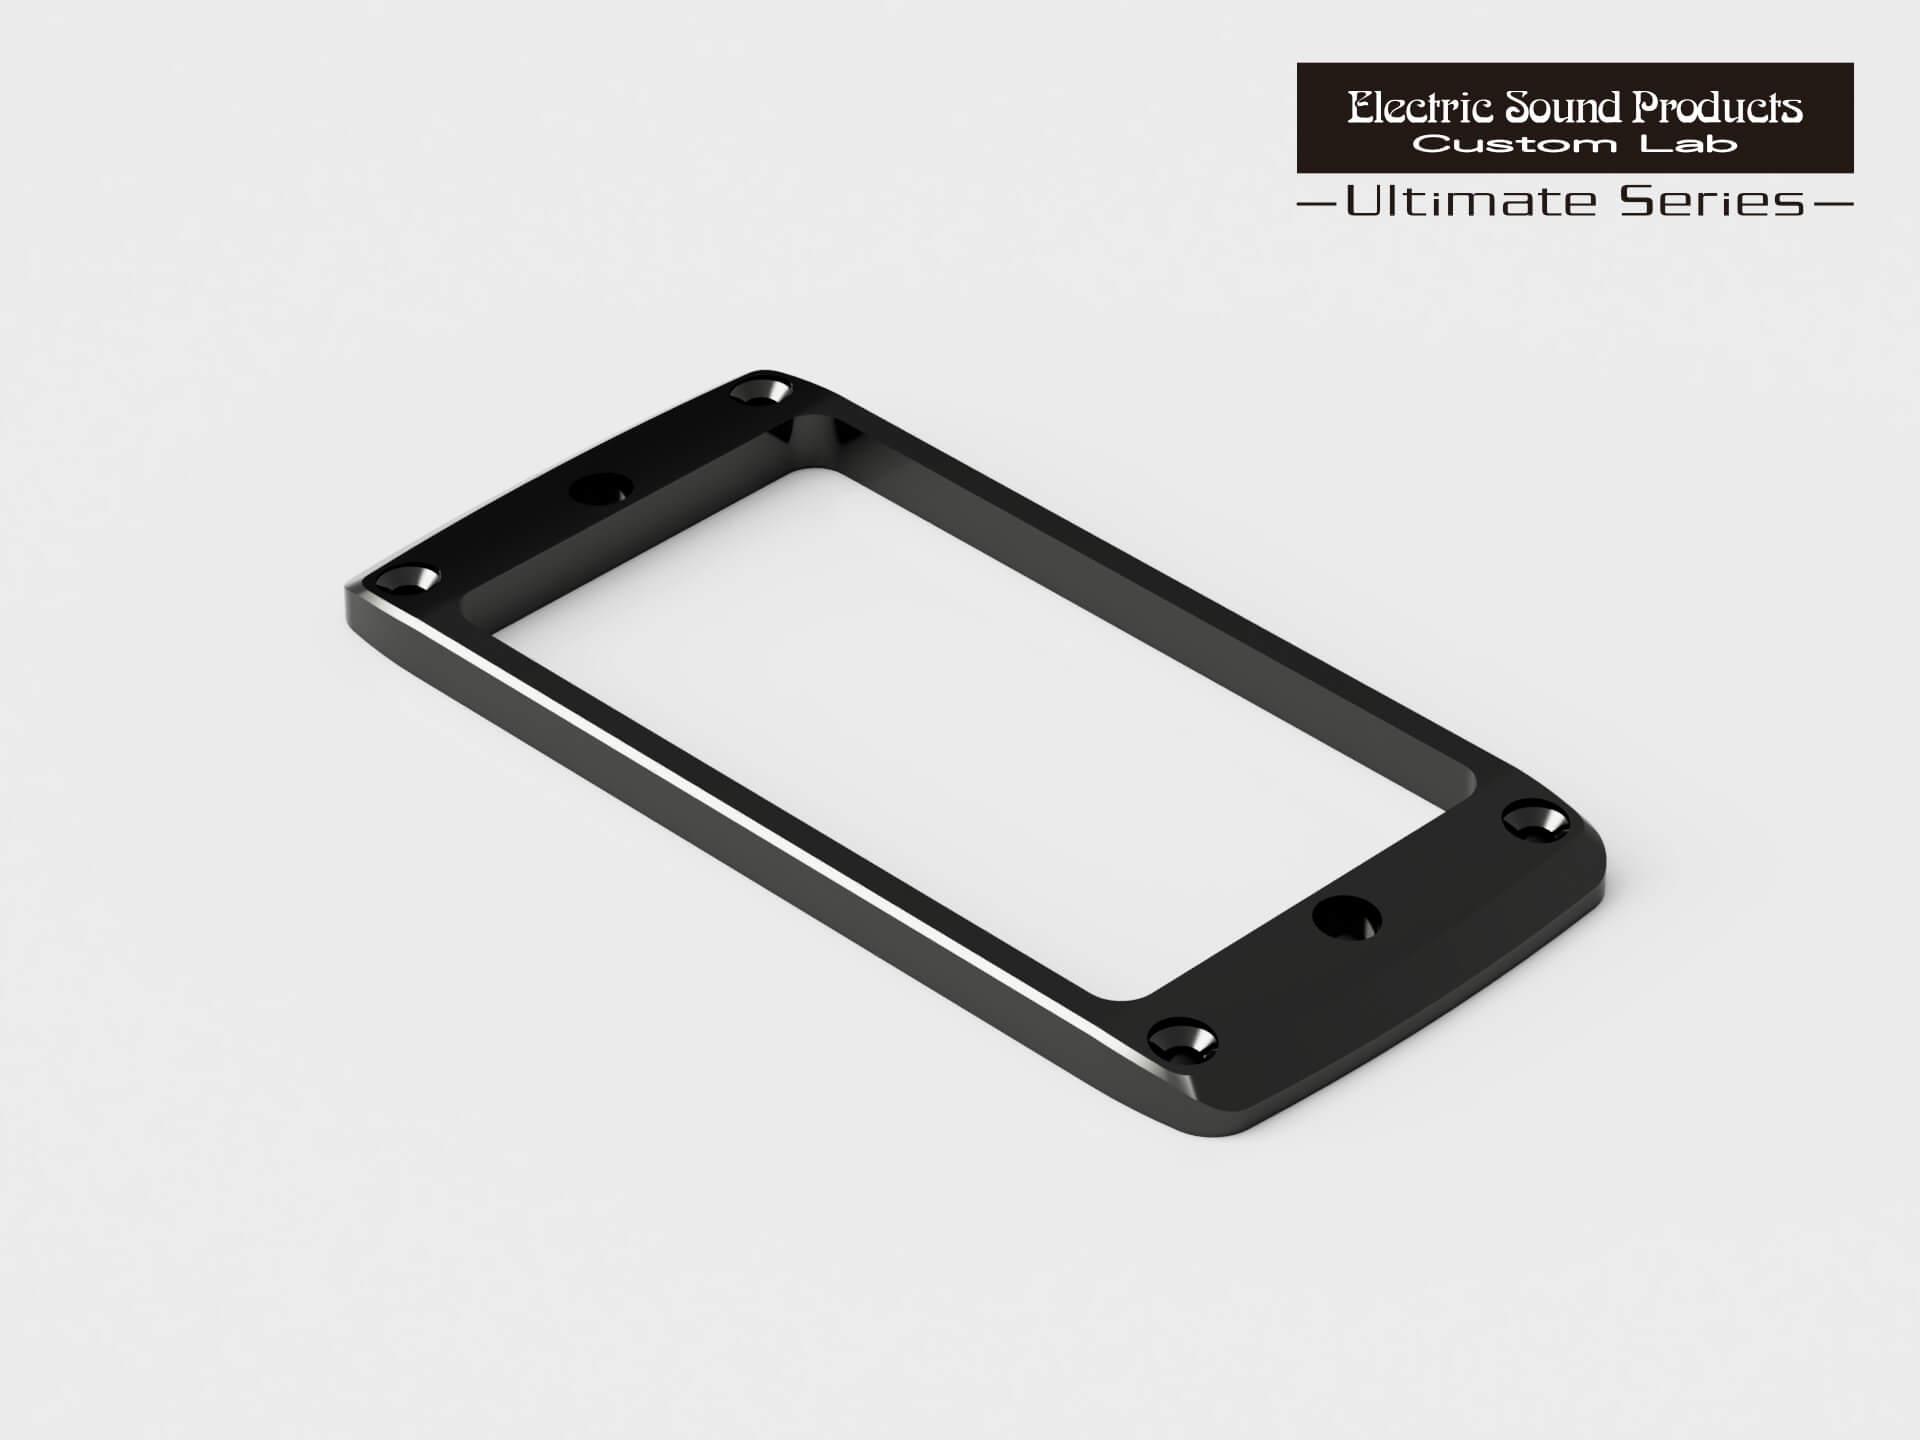 ESP Parts Custom Lab 好評 Beveled PU ついに入荷 Ring Flat-2 エスカッション アルティメイトシリーズ ブラック カスタムラボ Black Brass パーツ